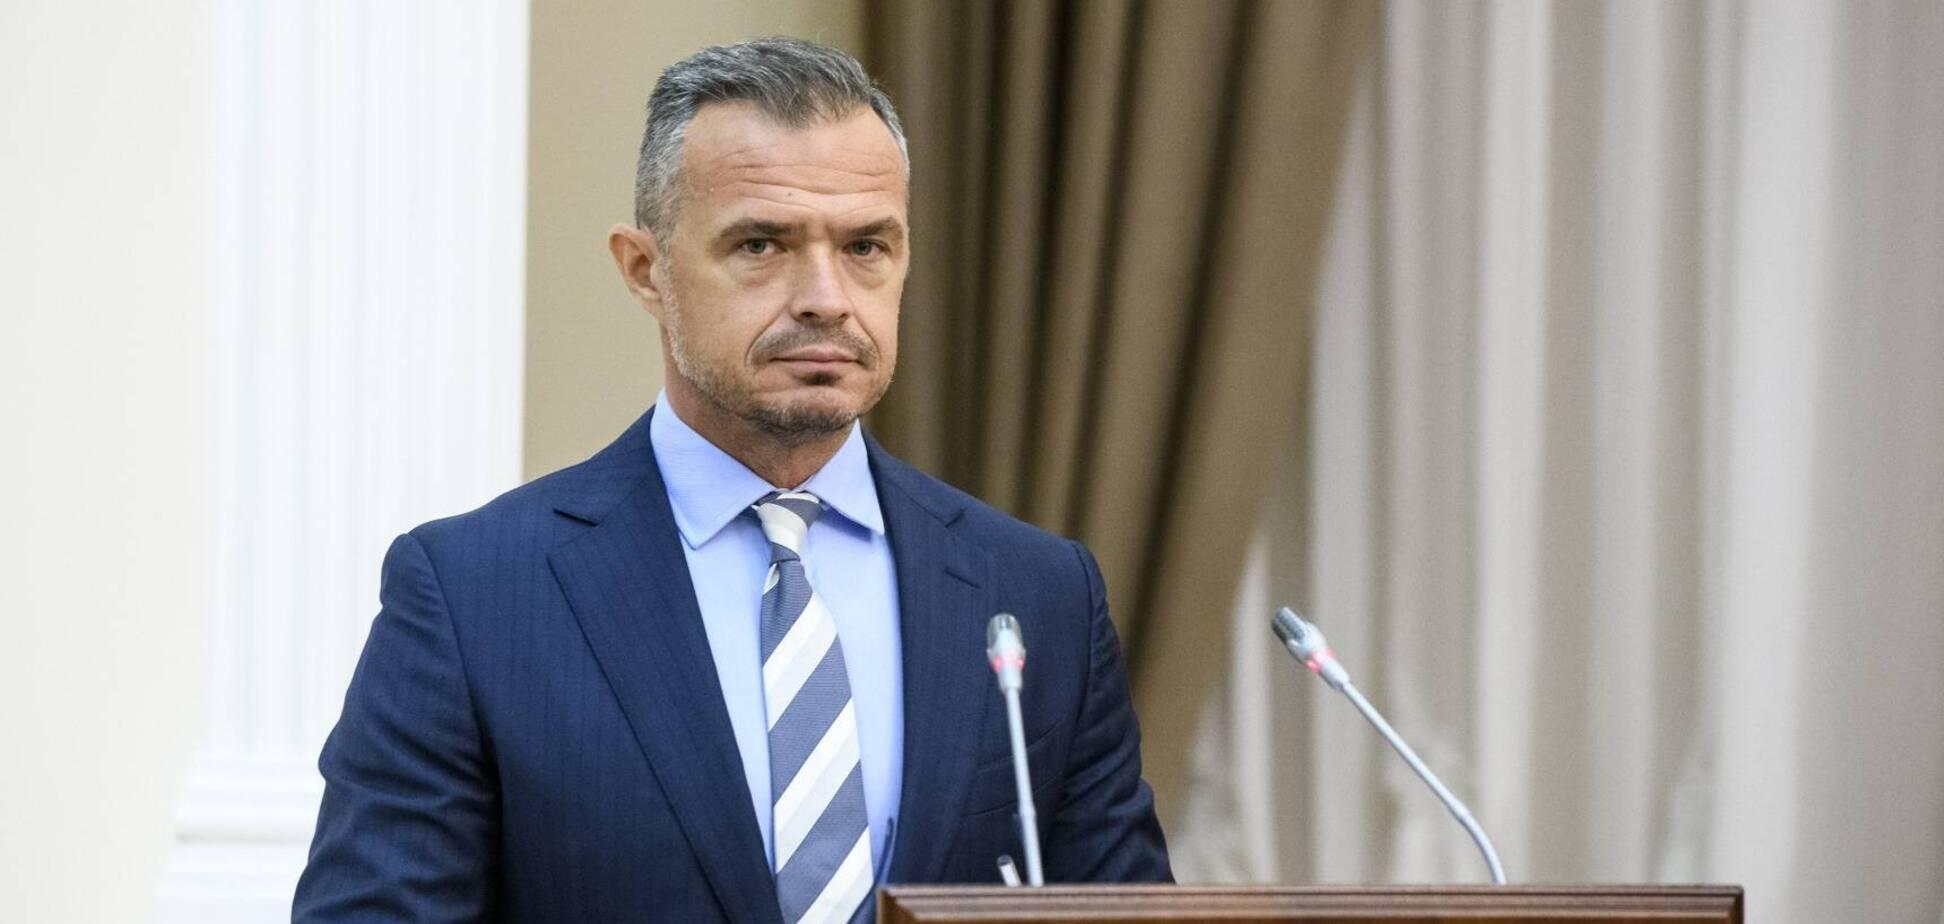 У Польщі затримали ексглаву 'Укравтодору' Славоміра Новака: всі подробиці головного корупційного скандалу дня